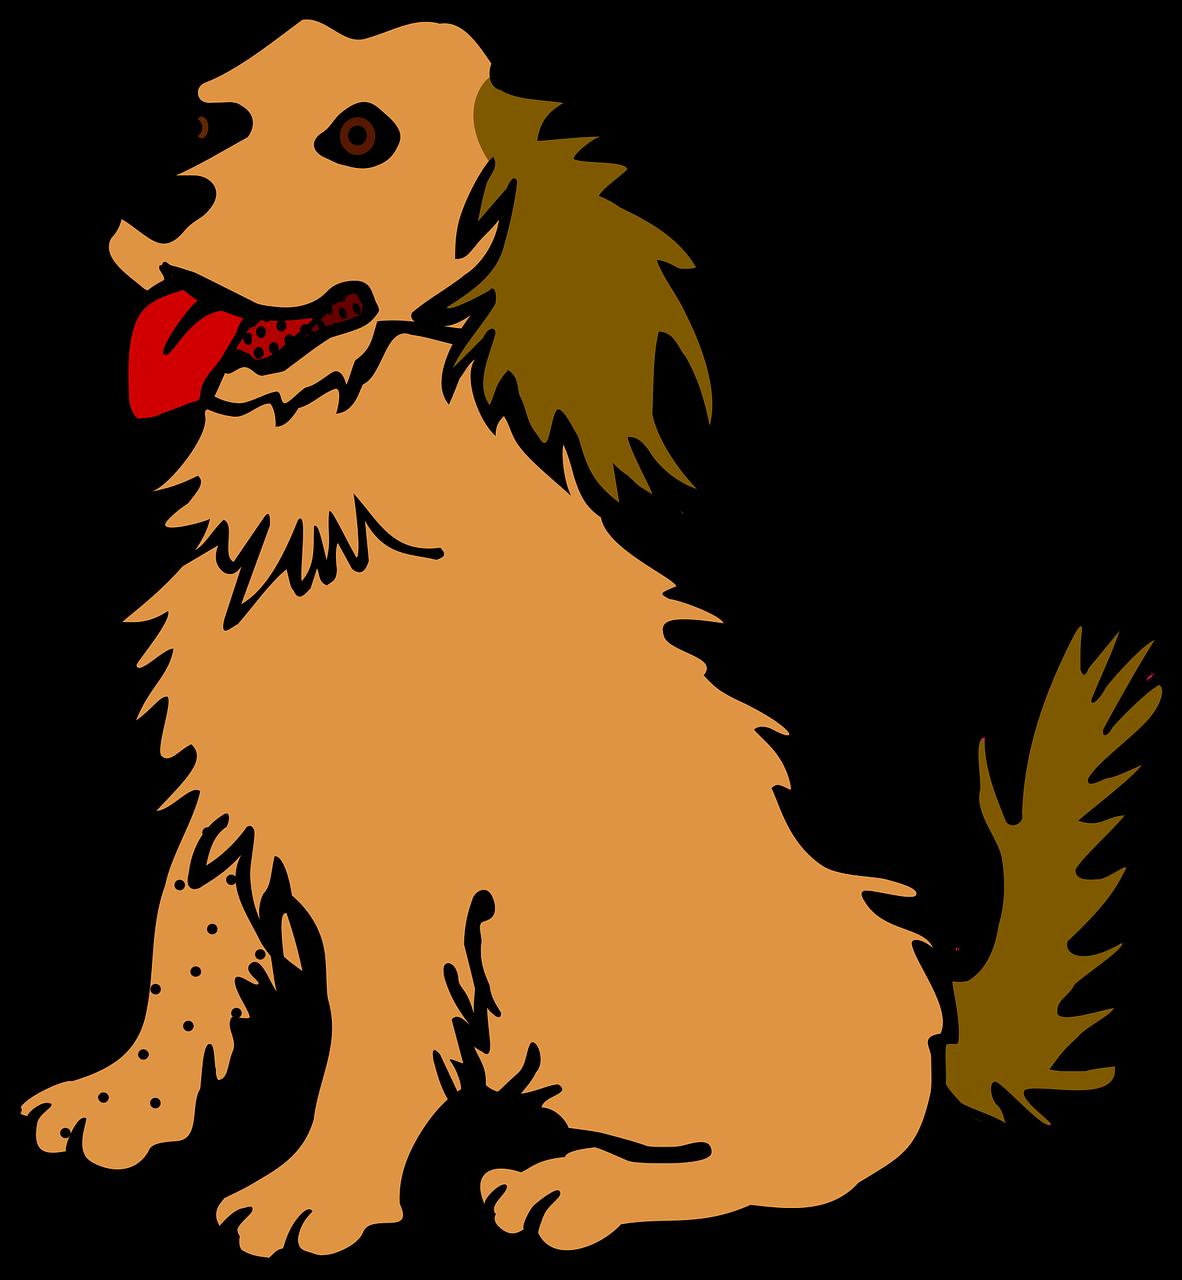 находится картинка для малышей собака голливудская звезда стал